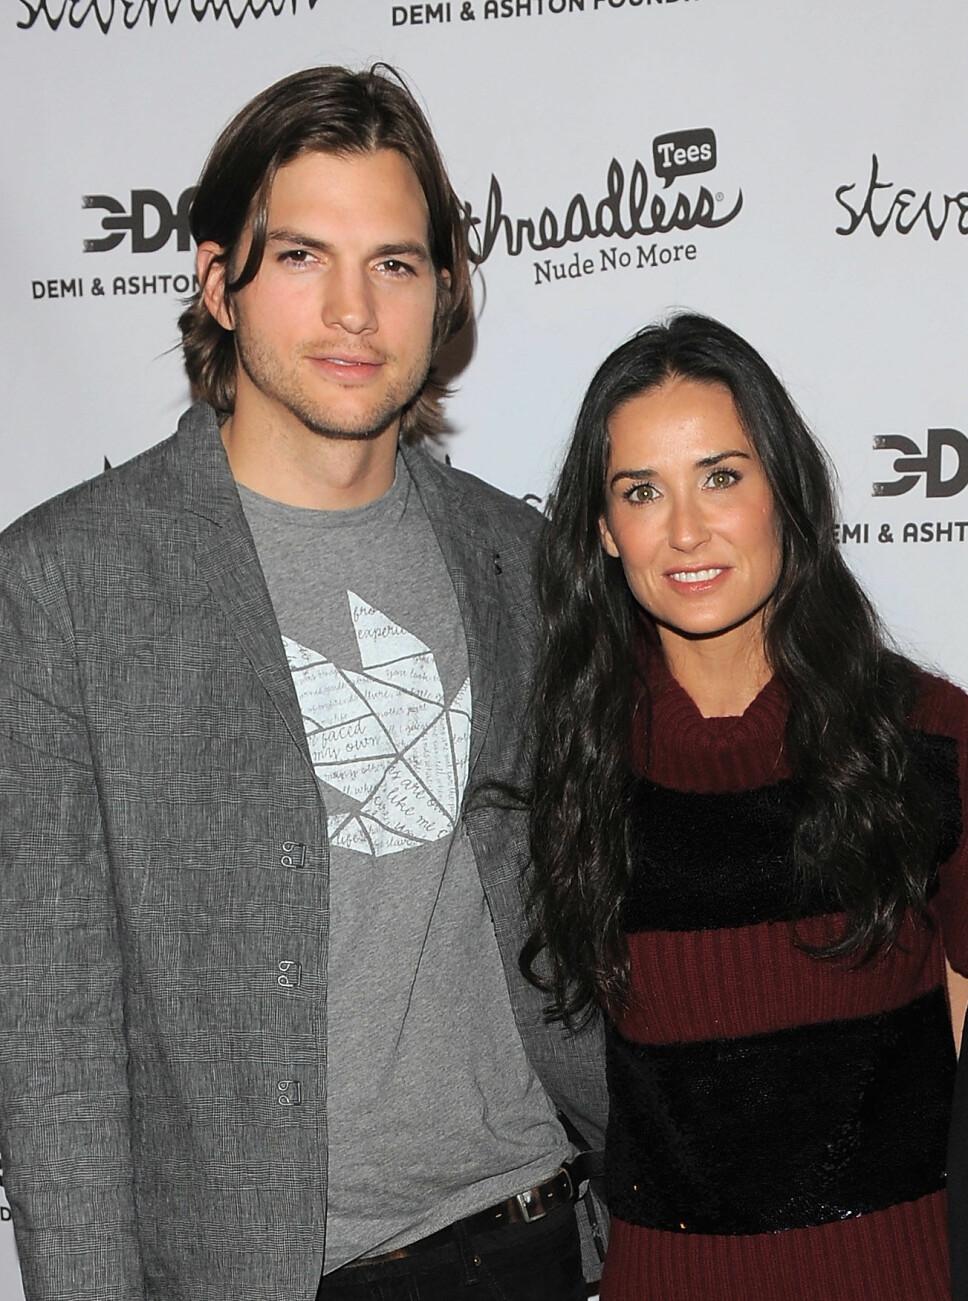 VAR GIFT: Demi Moore kommer med sterke påstander om utroskap mot eksmannen Ashton Kutcher. De var gift fra 2005-2013.